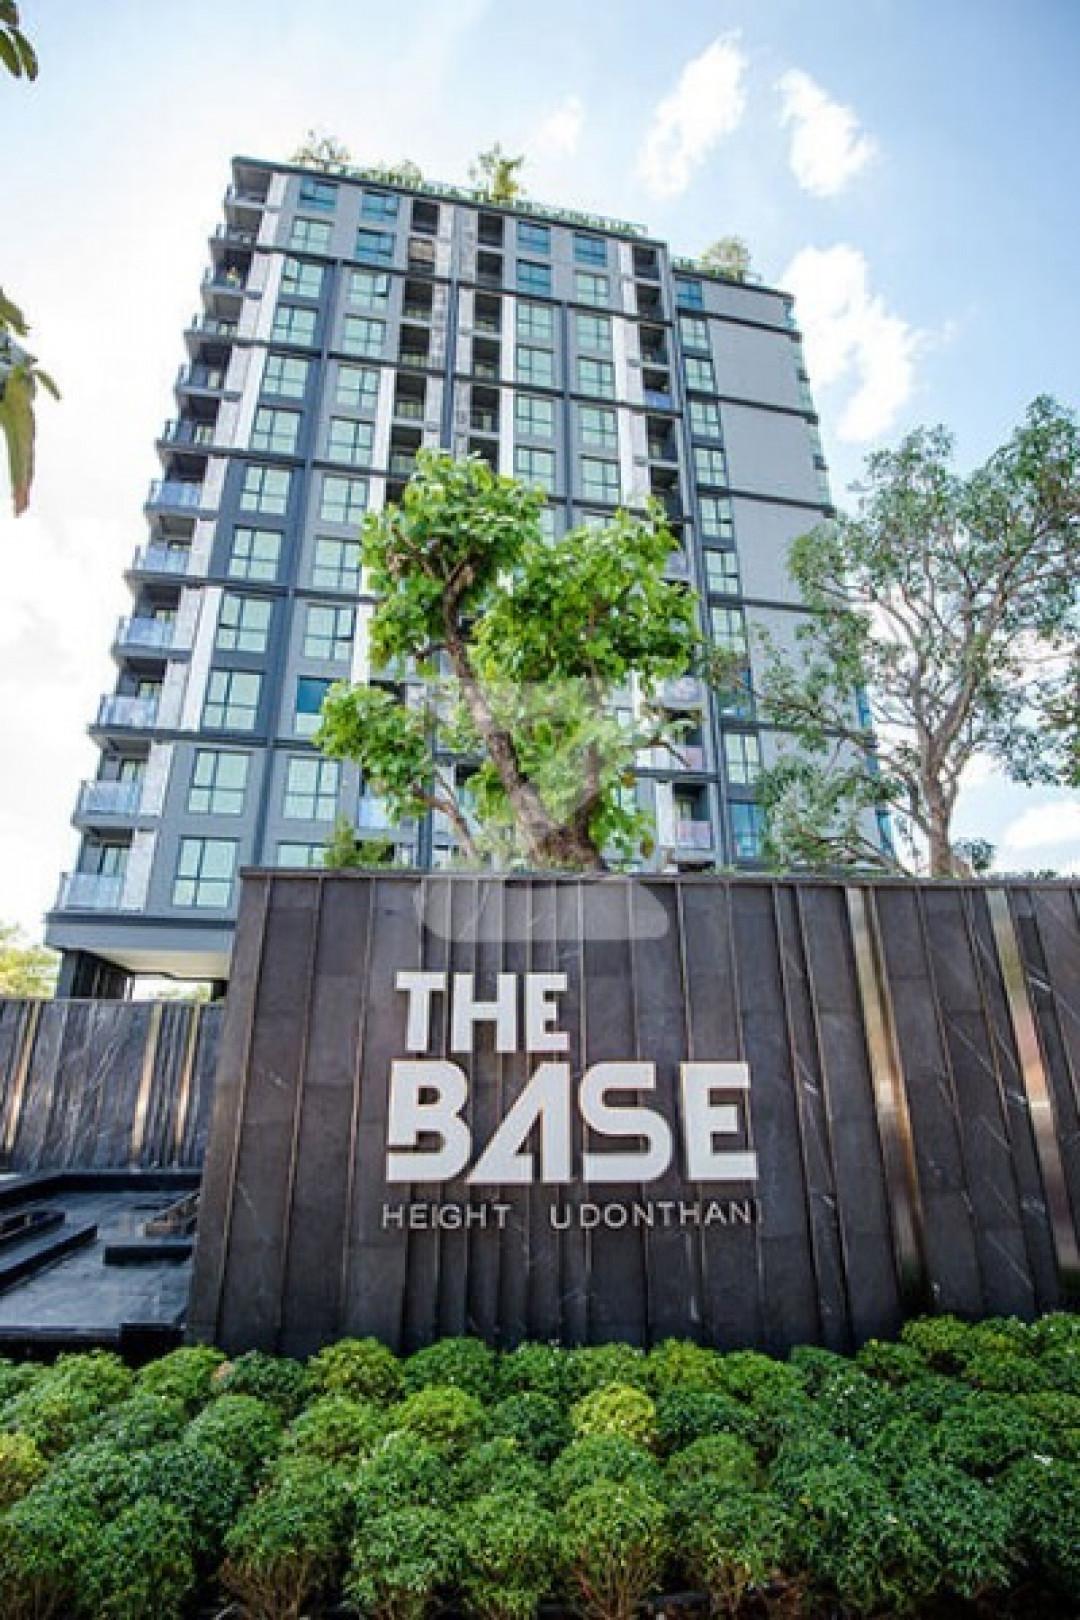 เดอะ เบส ไฮท์ อุดรธานี The Base Height Udonthani